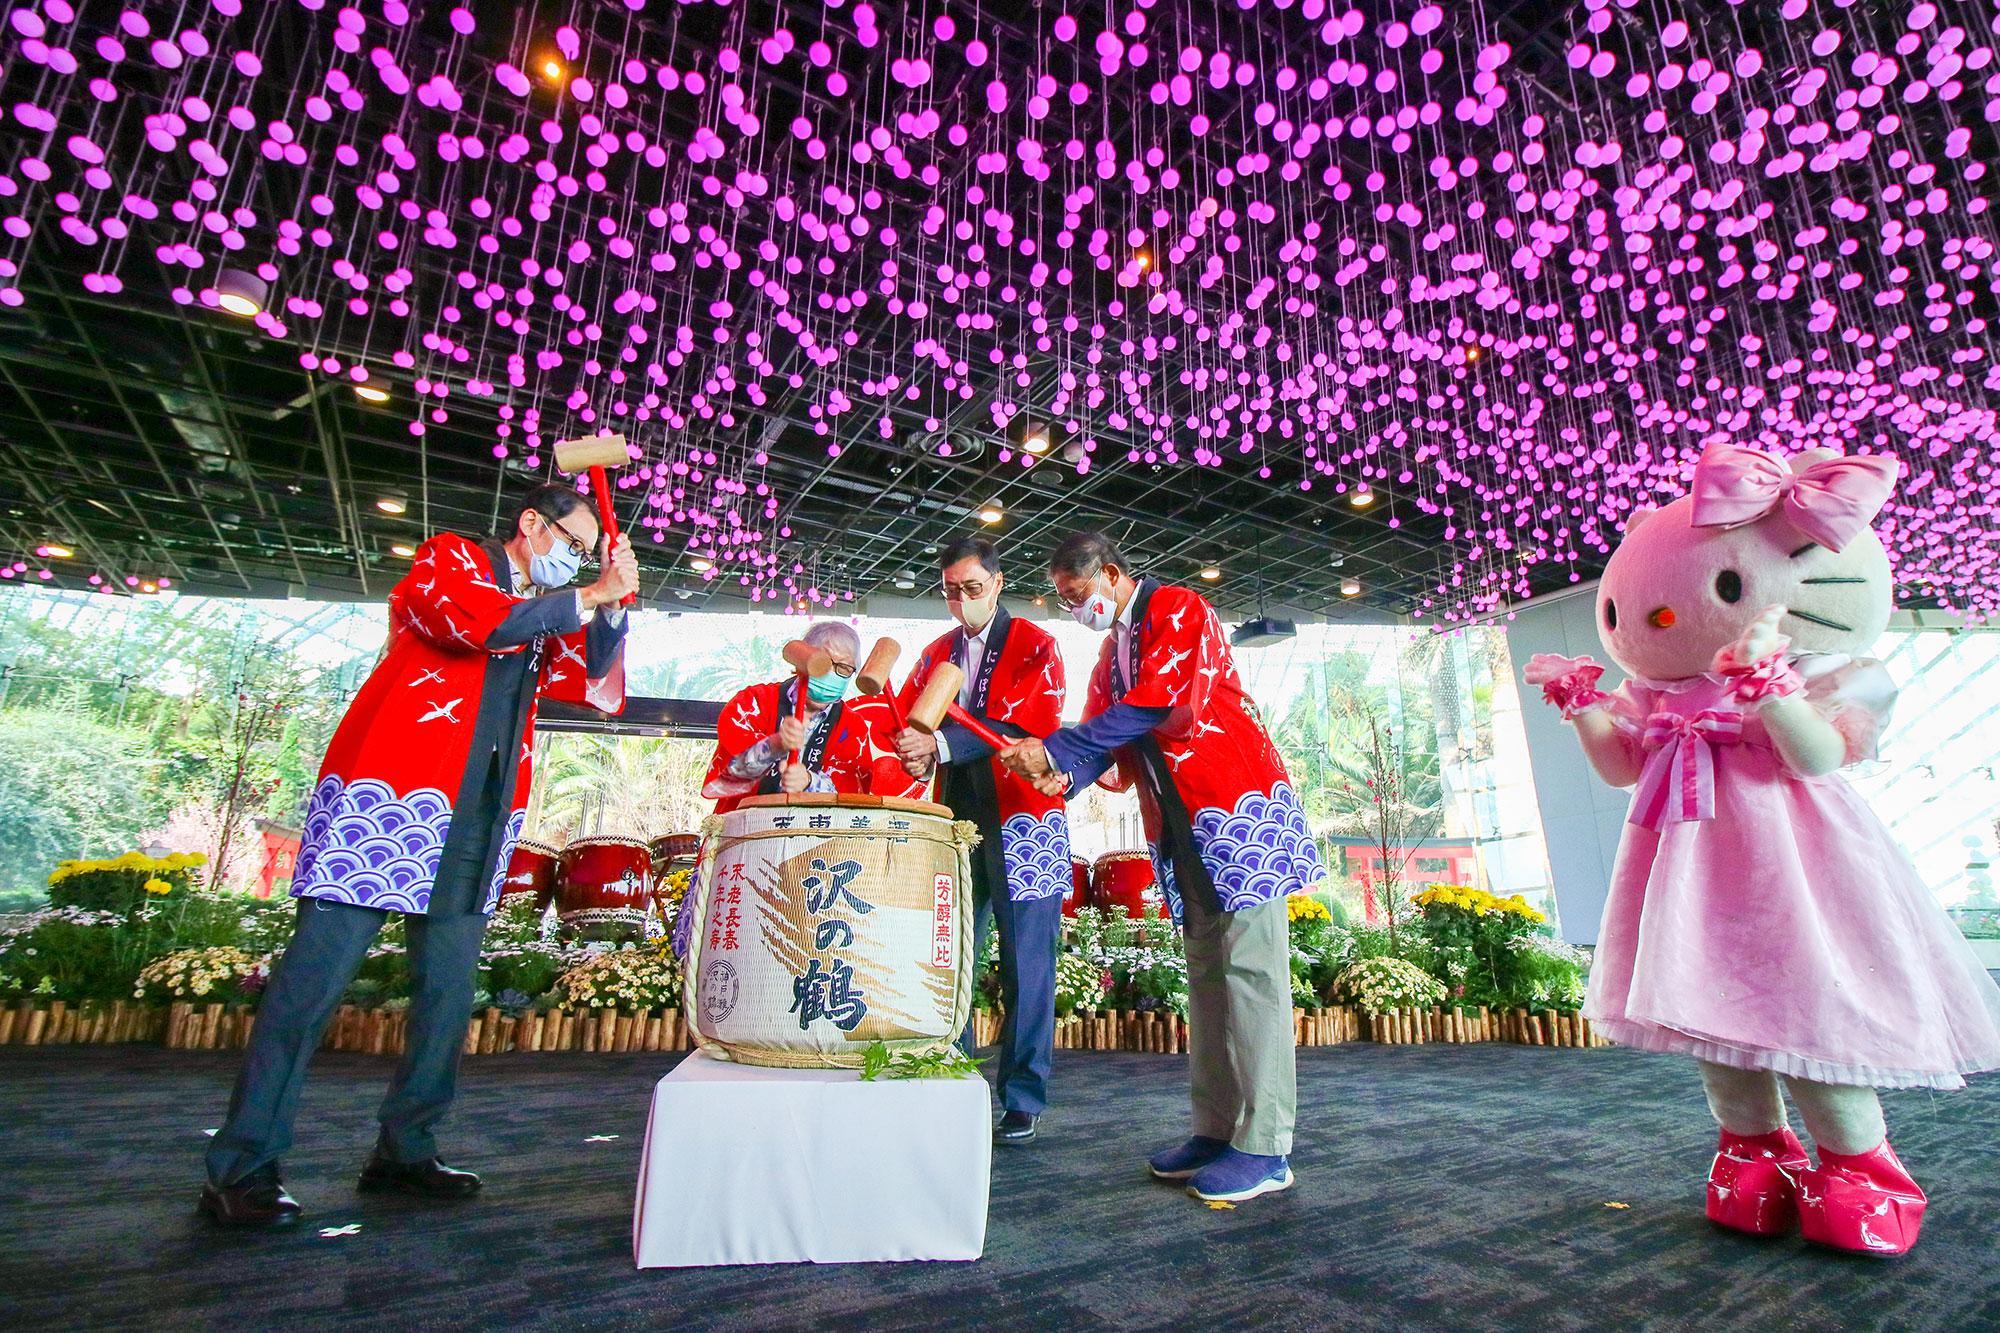 Sakura-ft-Hello-Kitty-Launch-Day-01Mar2021